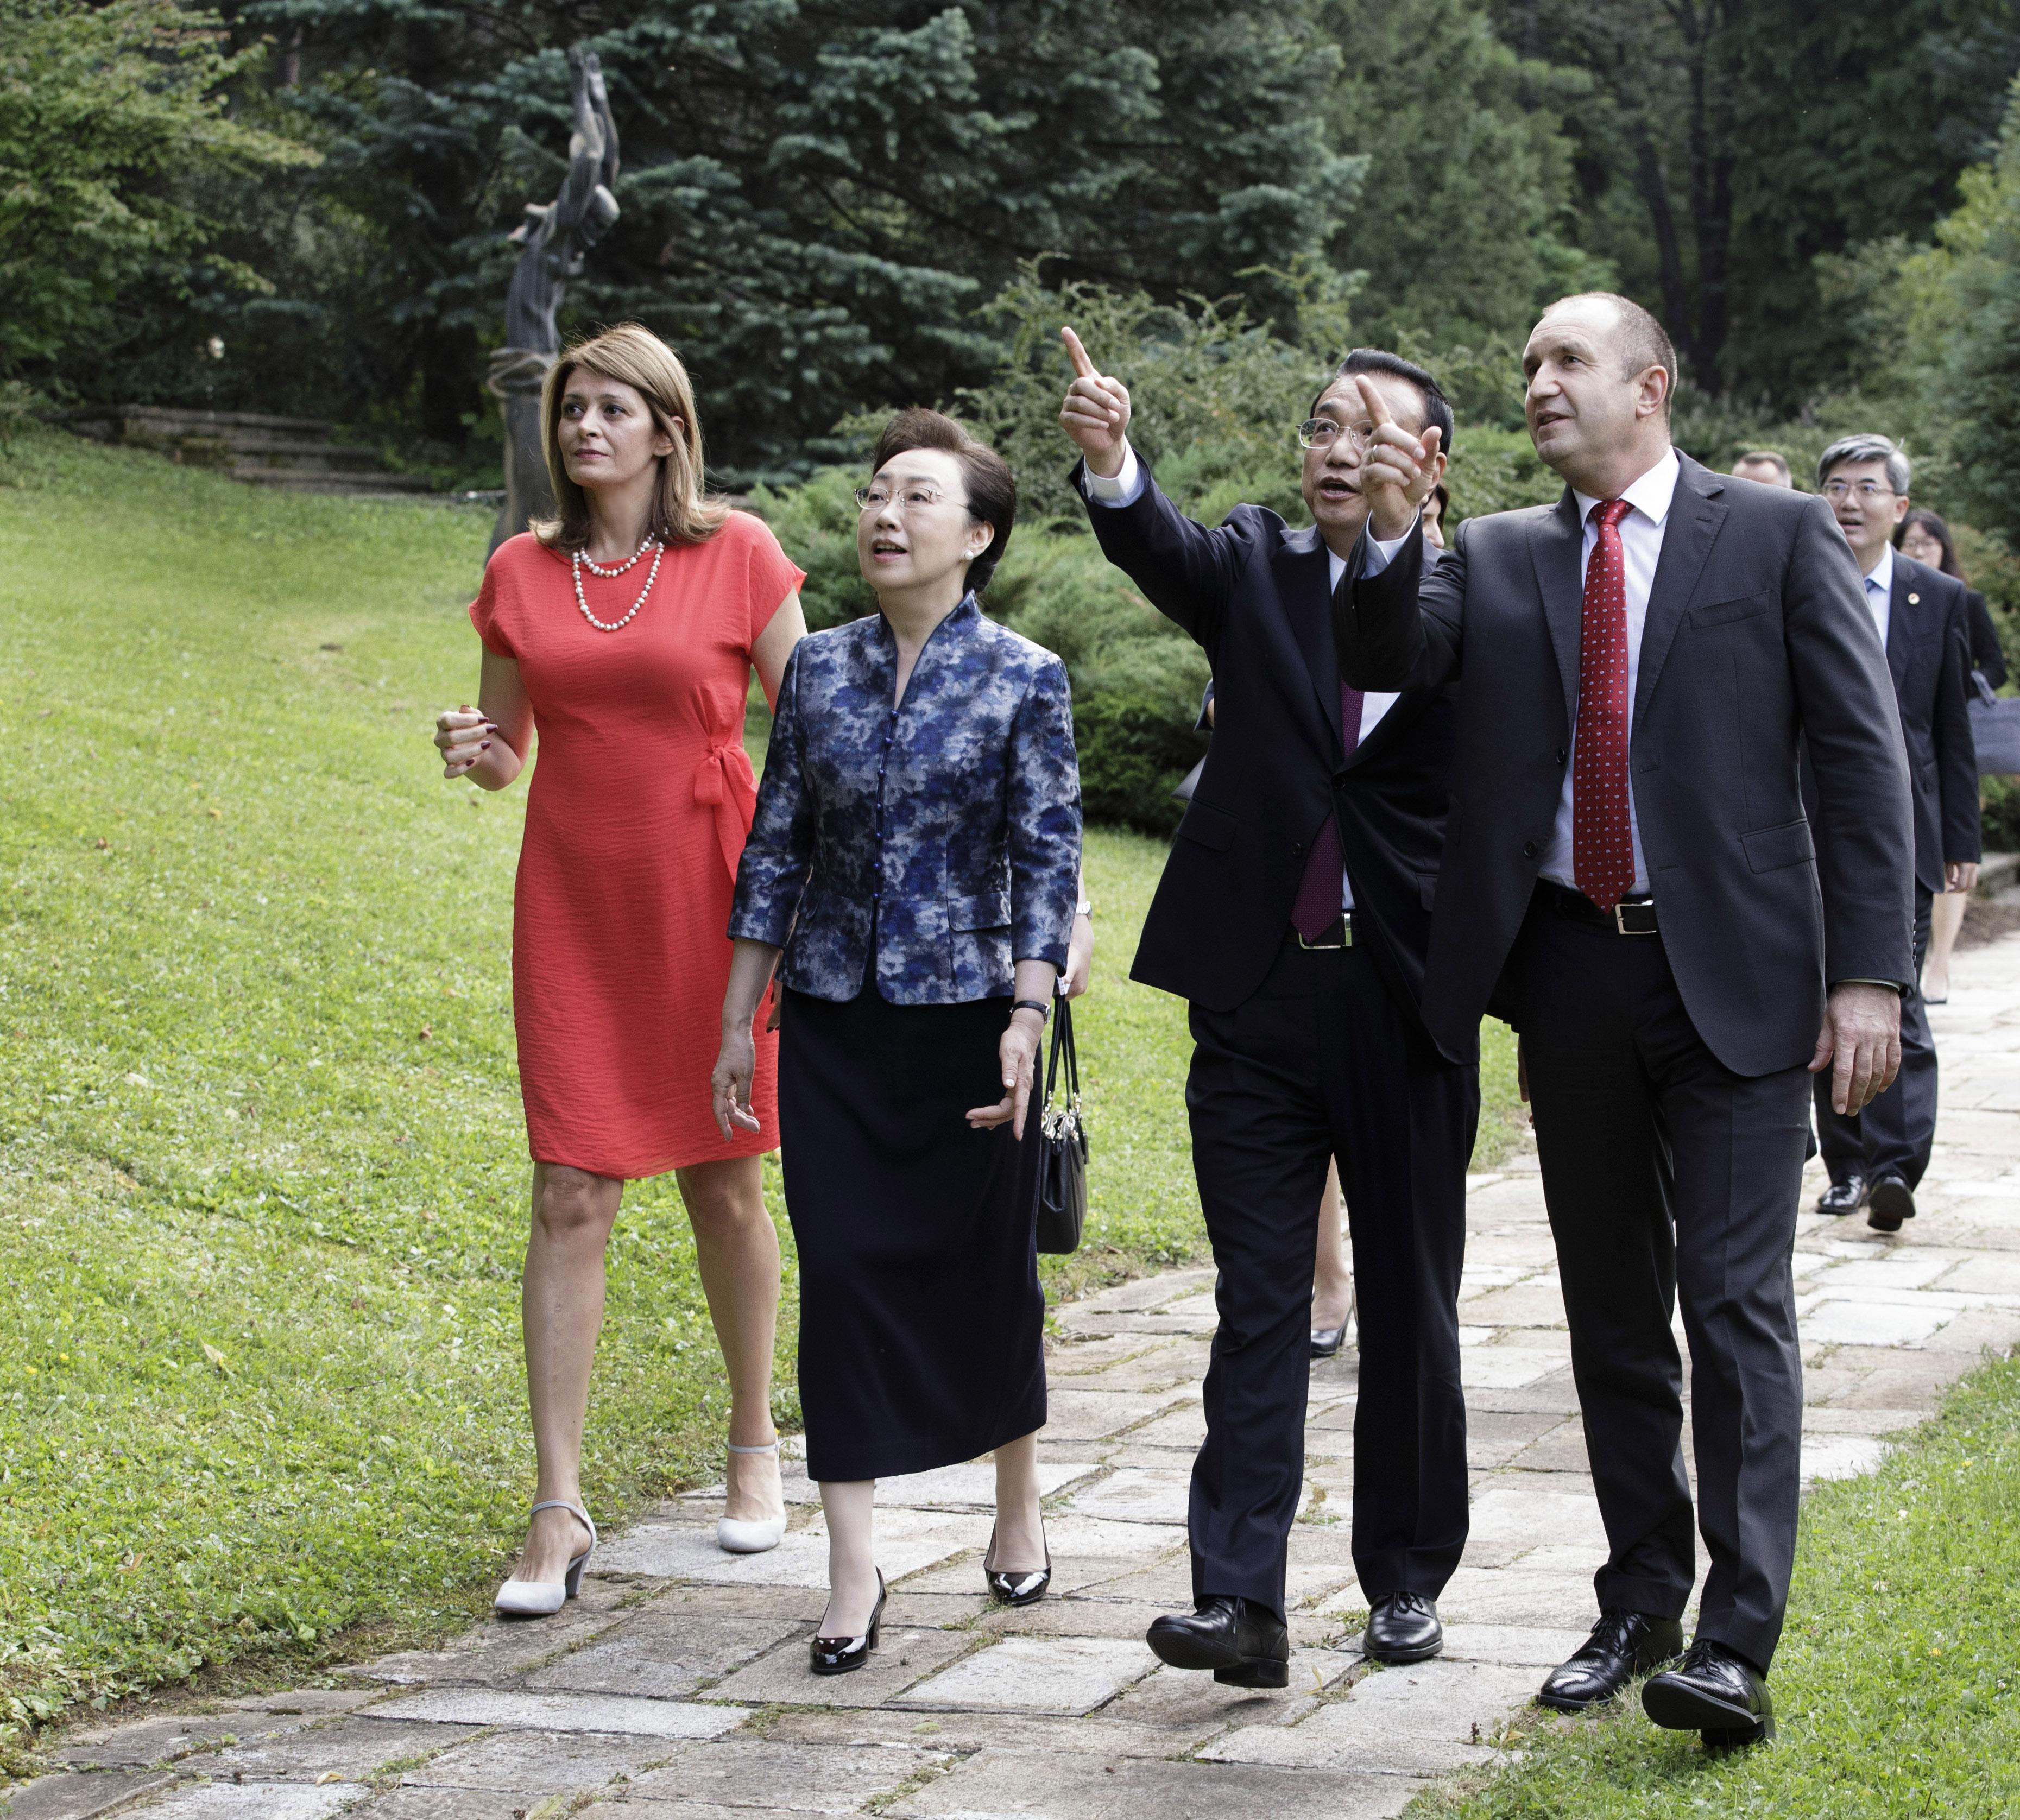 """Президентът Румен Радев и неговата съпруга Десислава Радева посрещнаха министър-председателя на Китай Ли Къцян и съпругата му Чън Хон във известната държавна вила """"Калина"""" в софийския квартал """"Бояна""""."""